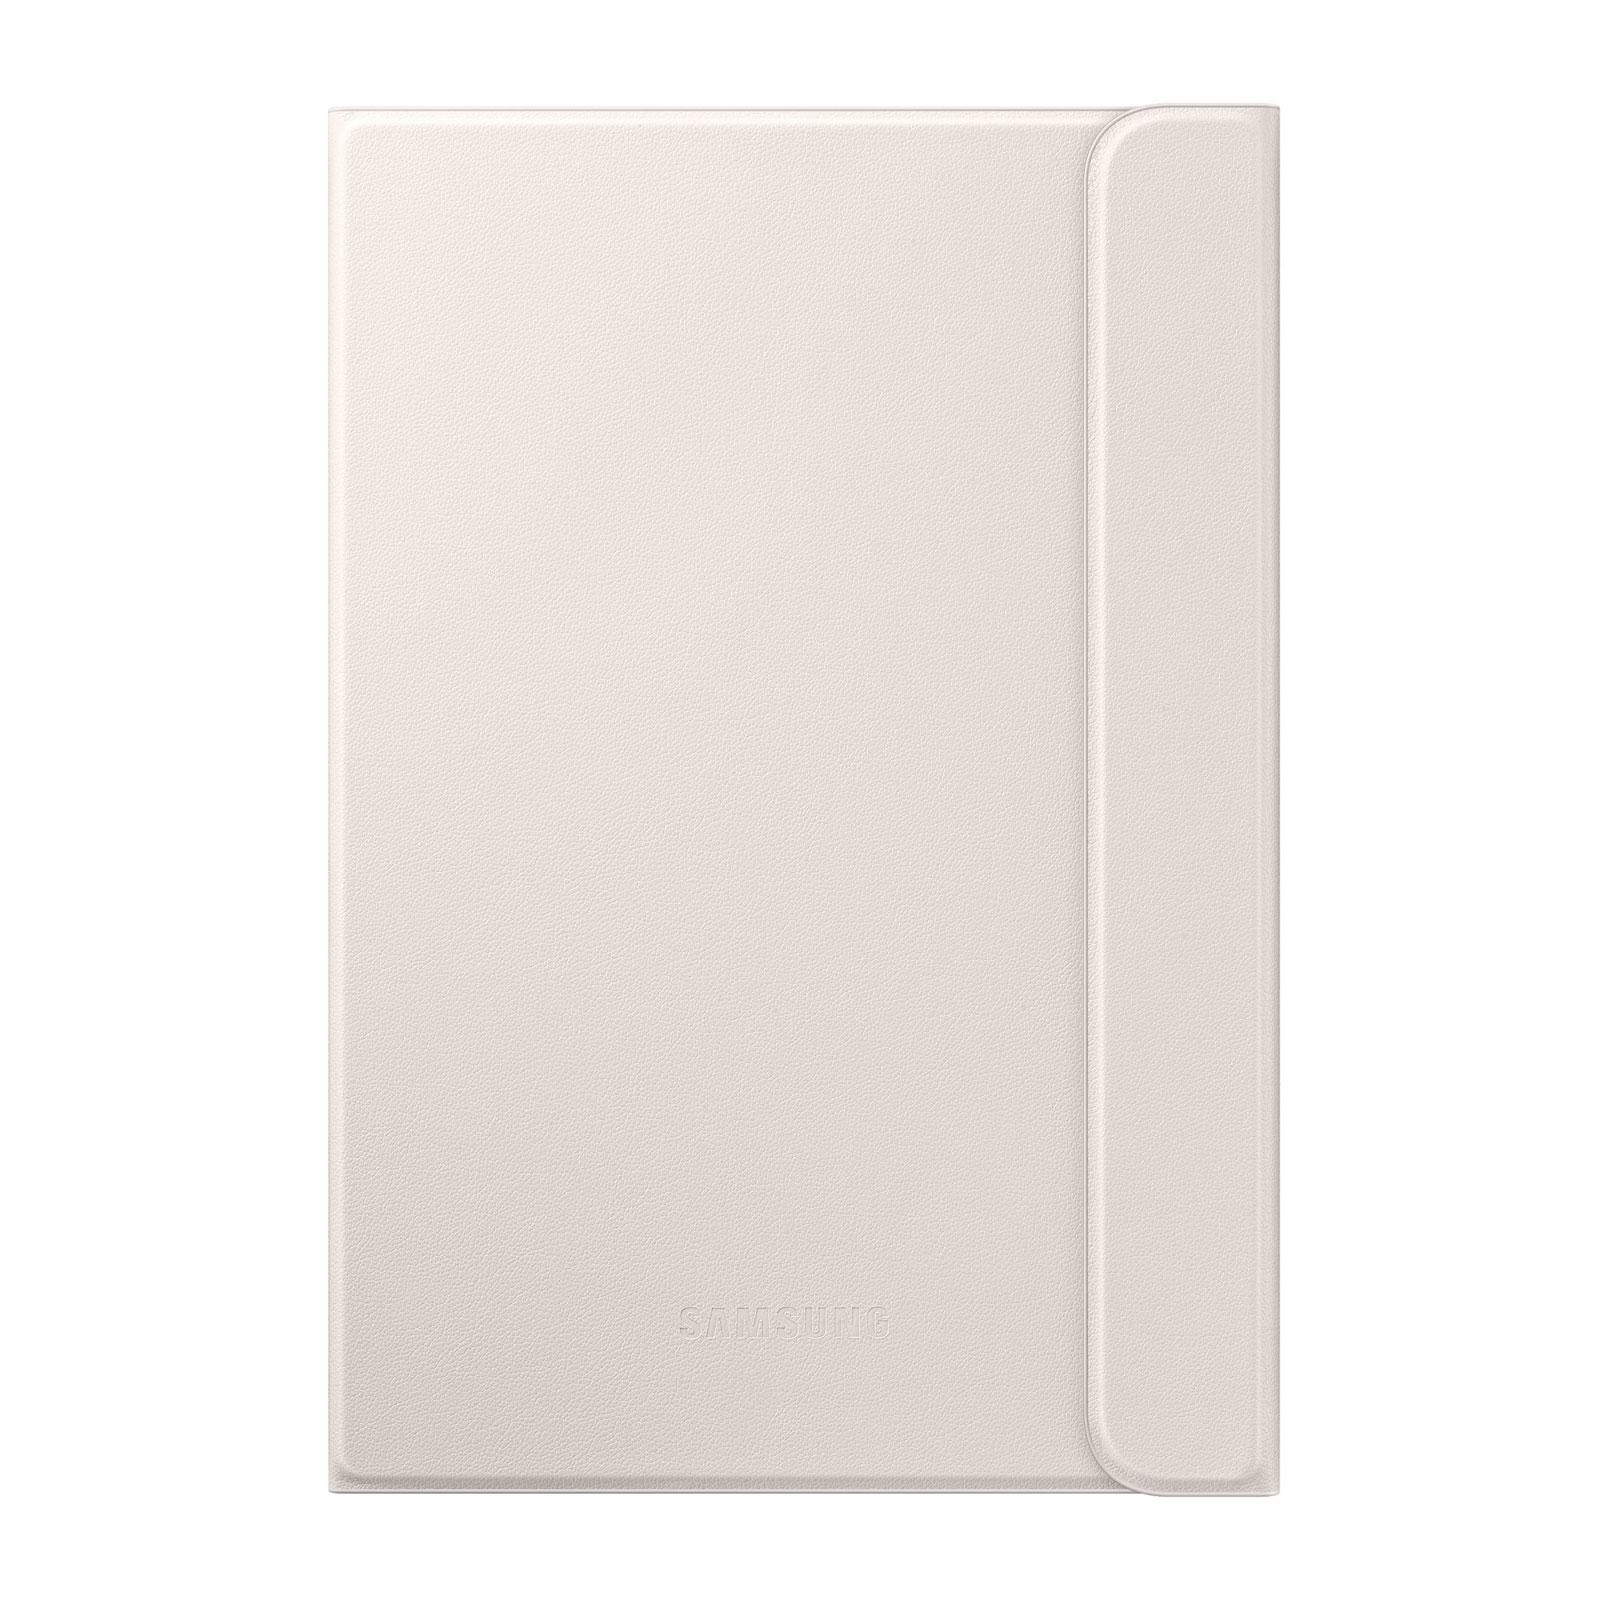 """Samsung Book cover blanc Galaxy Tab S2 8""""  (EF-BT710PWEGWW) - Achat / Vente Accessoire Tablette sur Cybertek.fr - 0"""